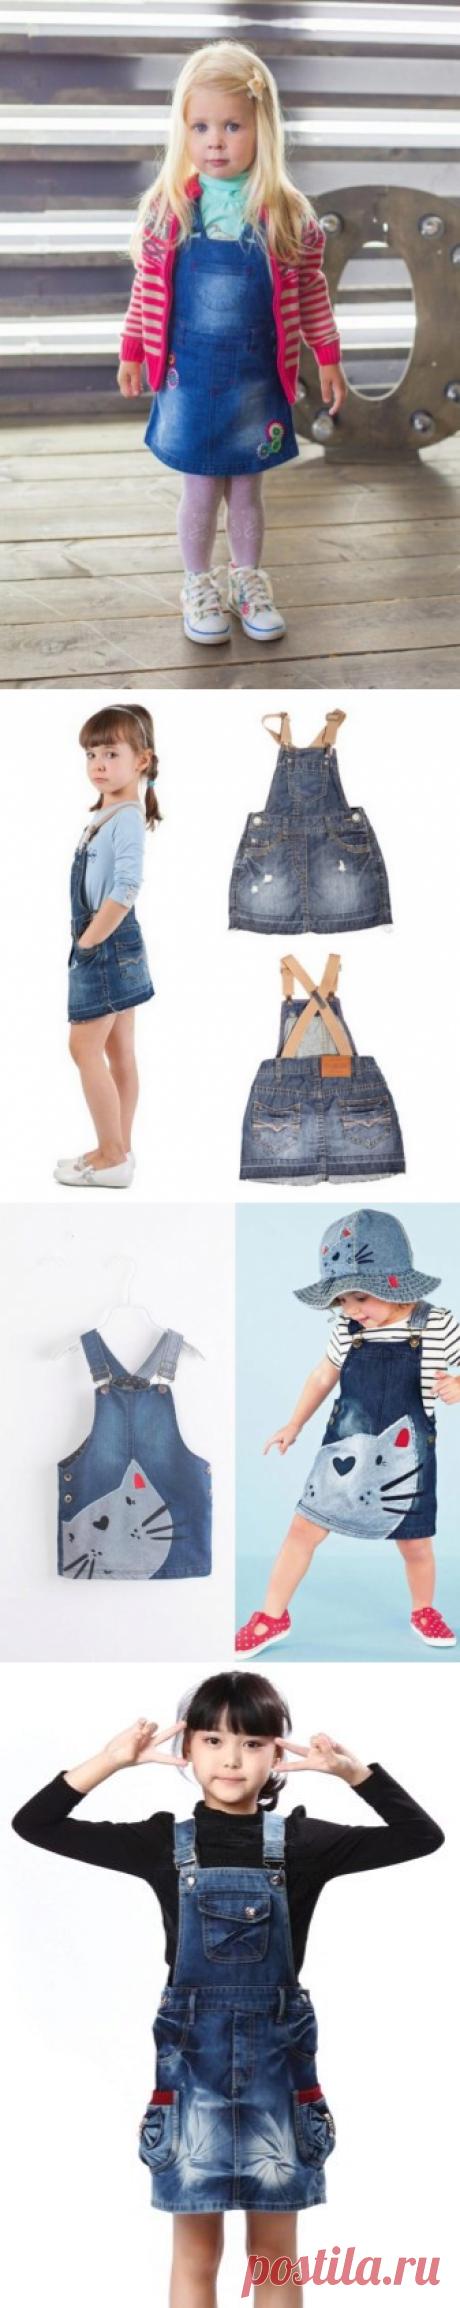 Джинсовый сарафан для девочки (40 фото): на лямках, как украсить, на 1 год